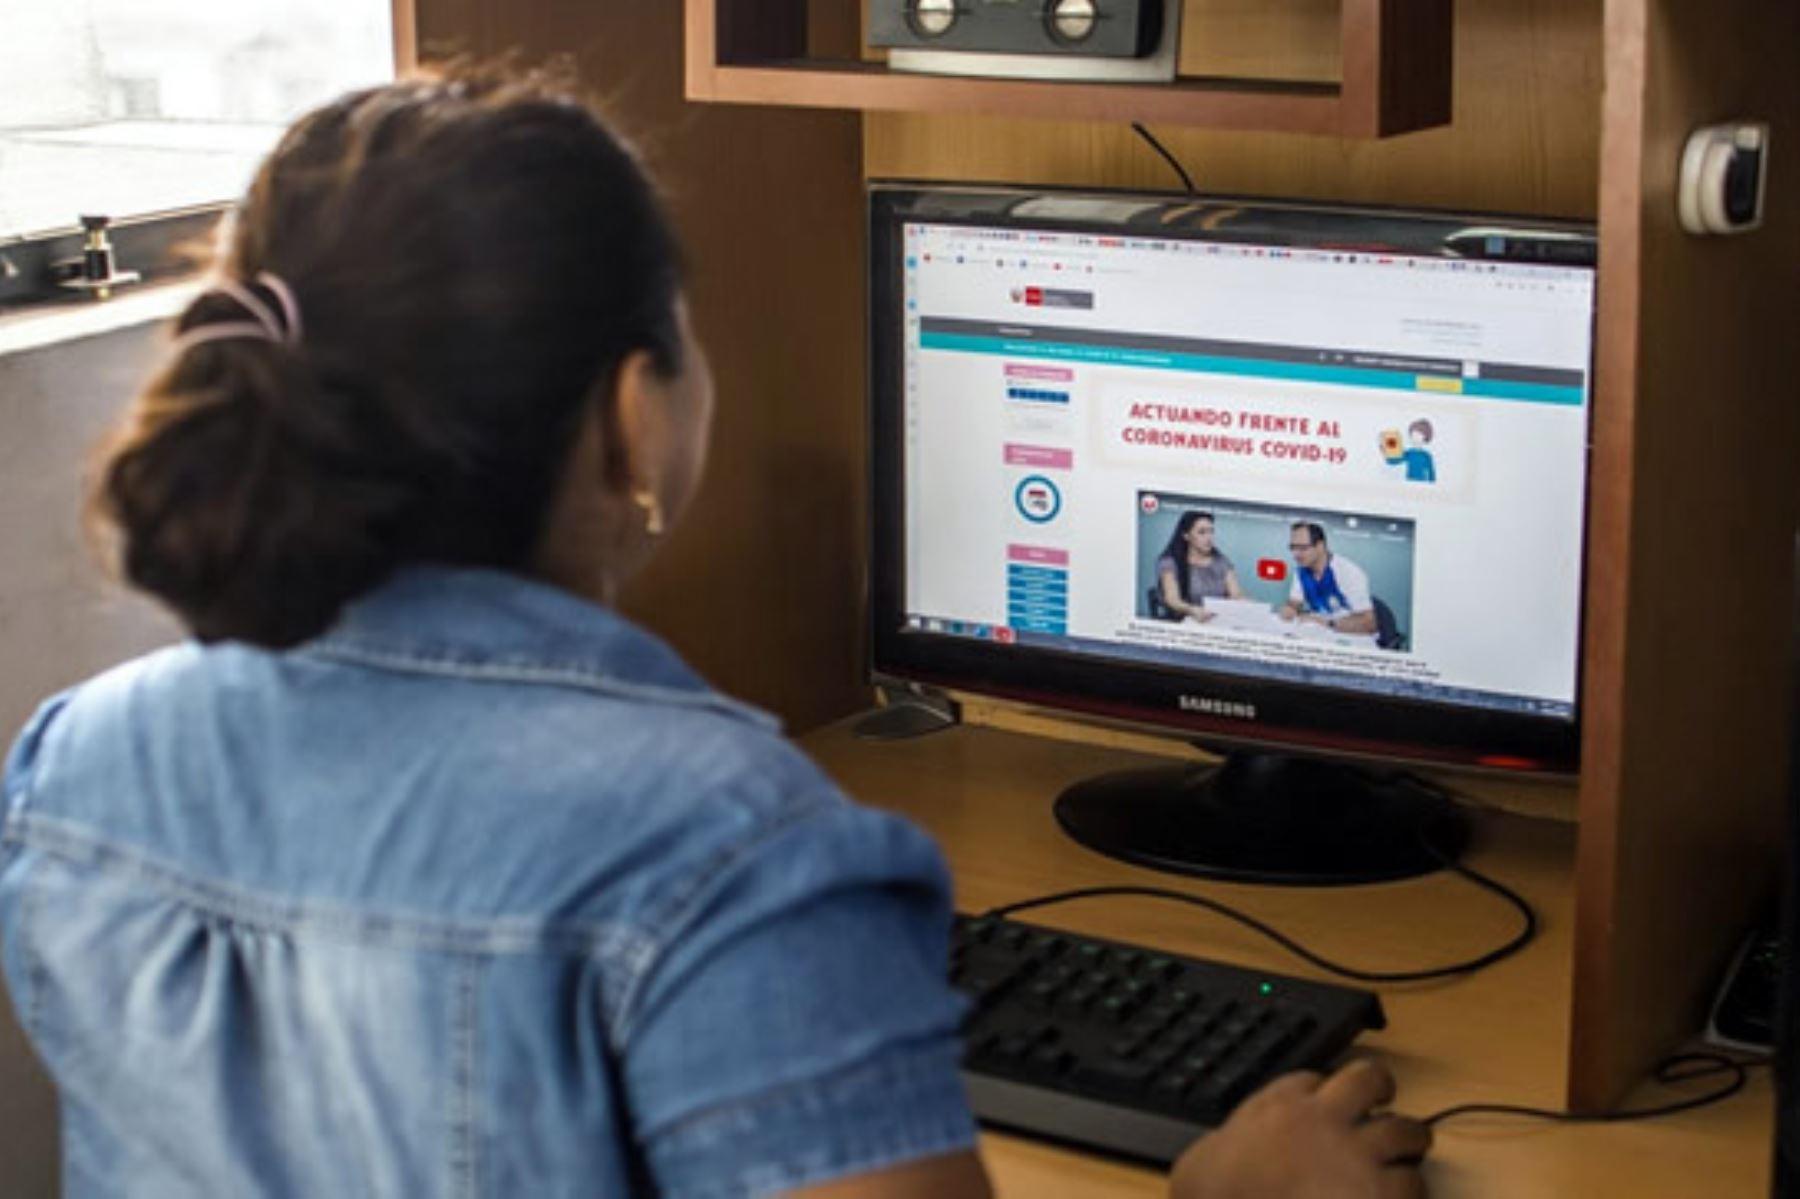 La Derrama Magisterial ofrece capacitación virtual a docentes para que fortalezcan sus conocimientos en este coyuntura de emergencia nacional. Así se suma al programa Aprendo en casa del Minedu.ANDINA/Difusión